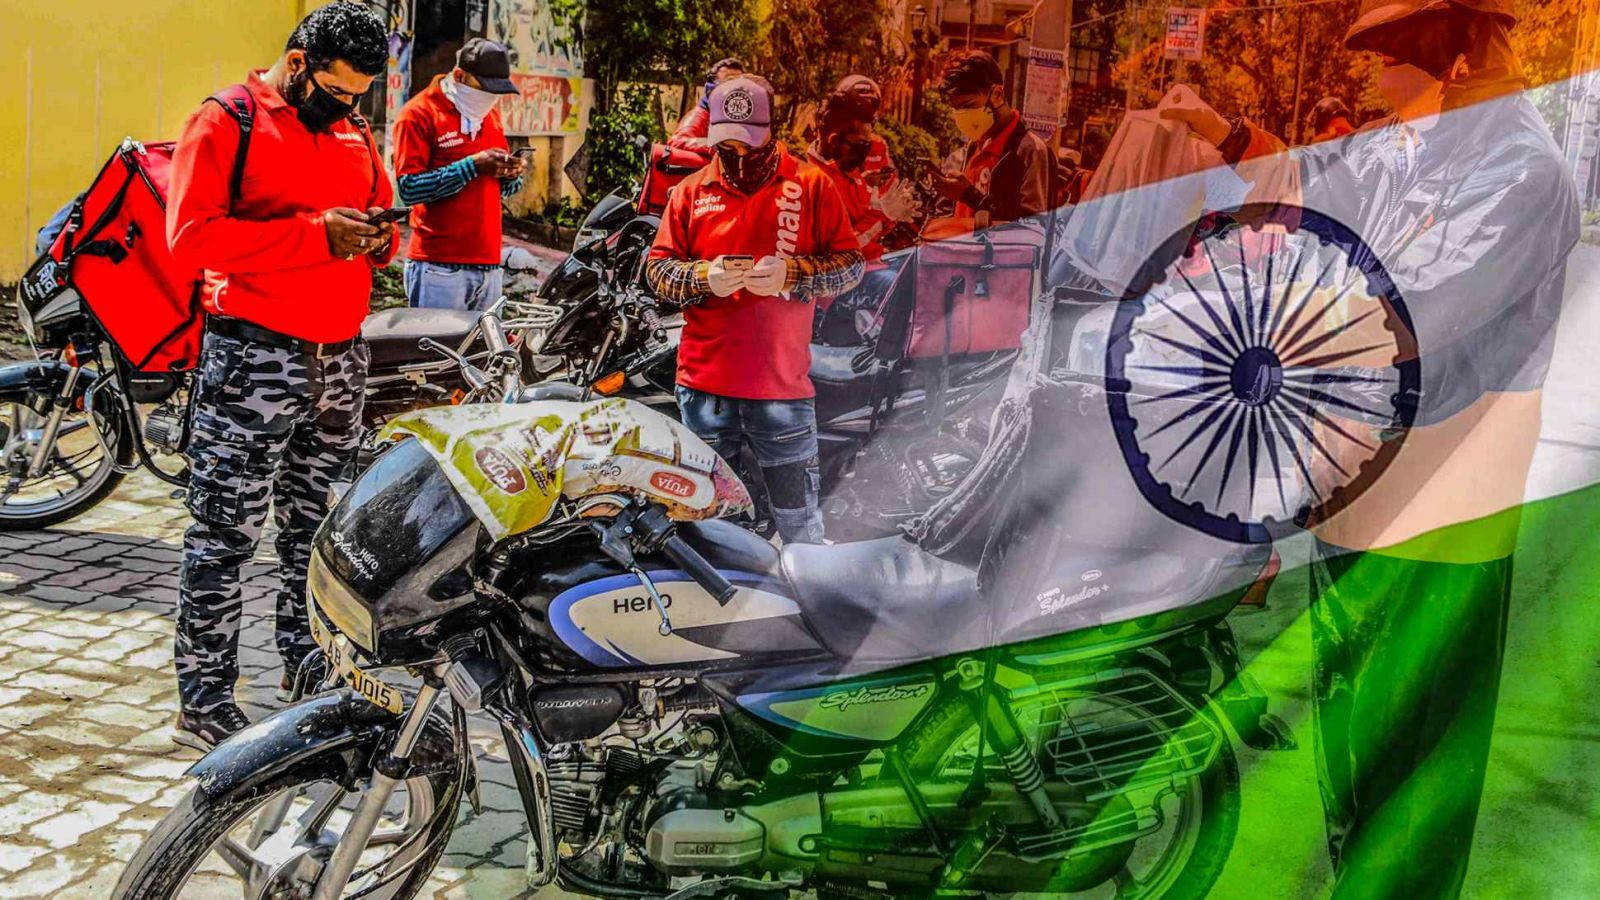 Các kỳ lân công nghệ của Ấn Độ, chẳng hạn như công ty giao đồ ăn trực tuyến Zomato, đang mang lại bước ngoặt trong bối cảnh IPO ở Ấn Độ. (Nguồn ảnh AFP / Jiji)